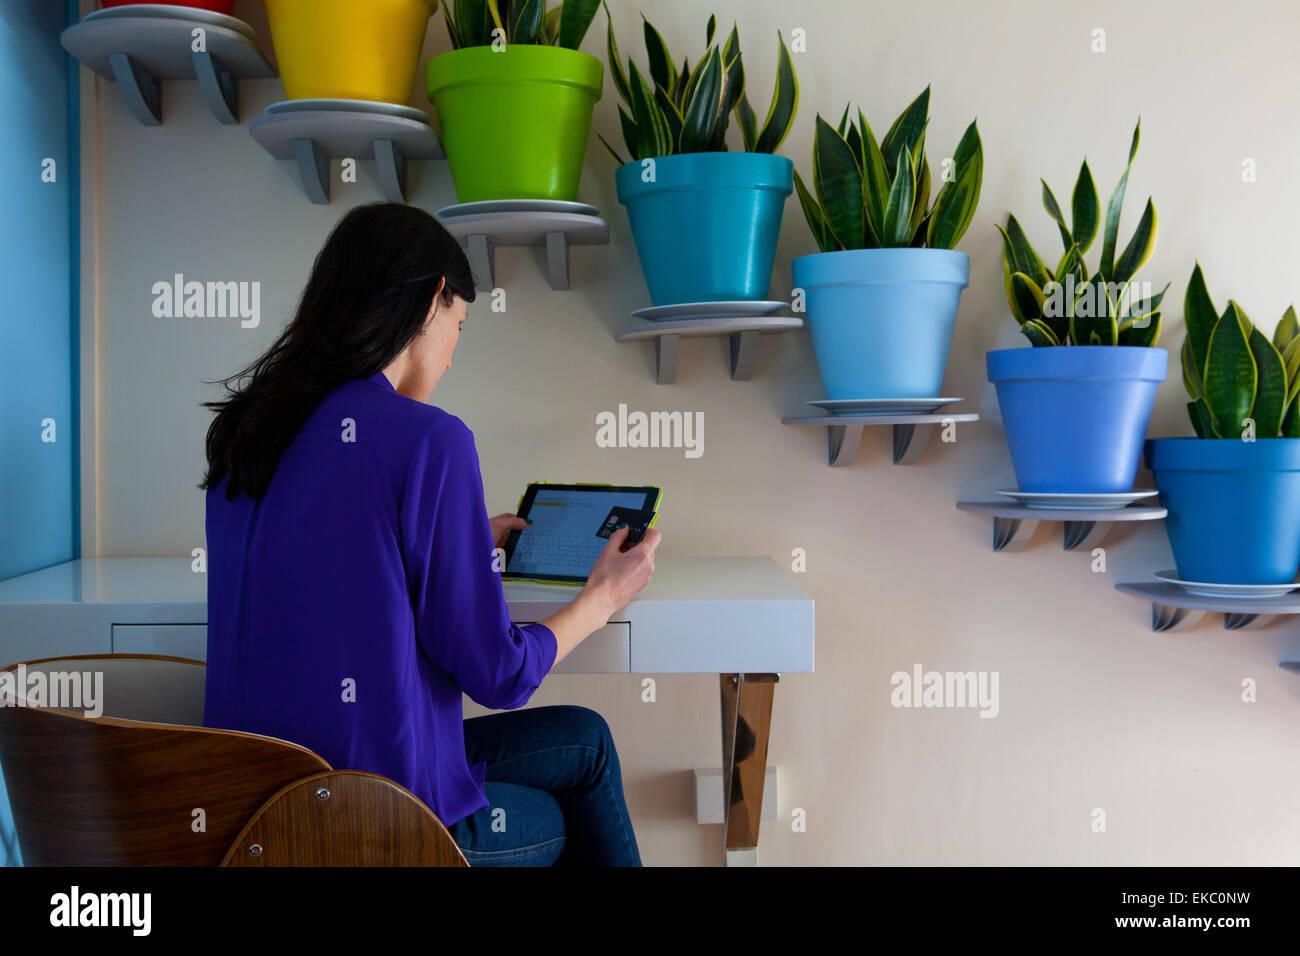 Donna di effettuare il pagamento su tavoletta digitale nella parte anteriore della fila diagonale di piante in vaso Immagini Stock